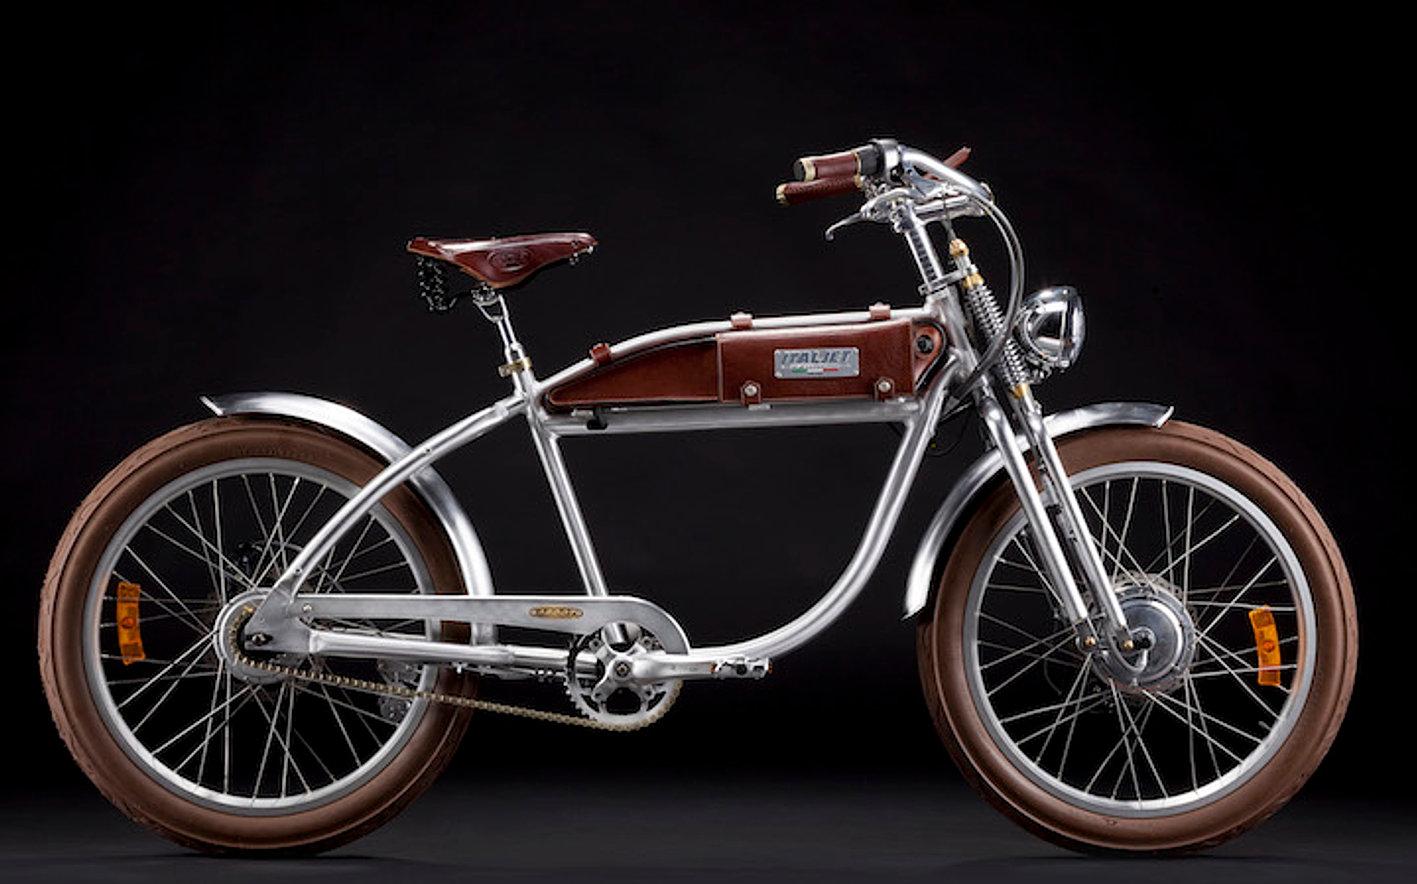 italjet e bike vintage v los lectriques au design italien. Black Bedroom Furniture Sets. Home Design Ideas